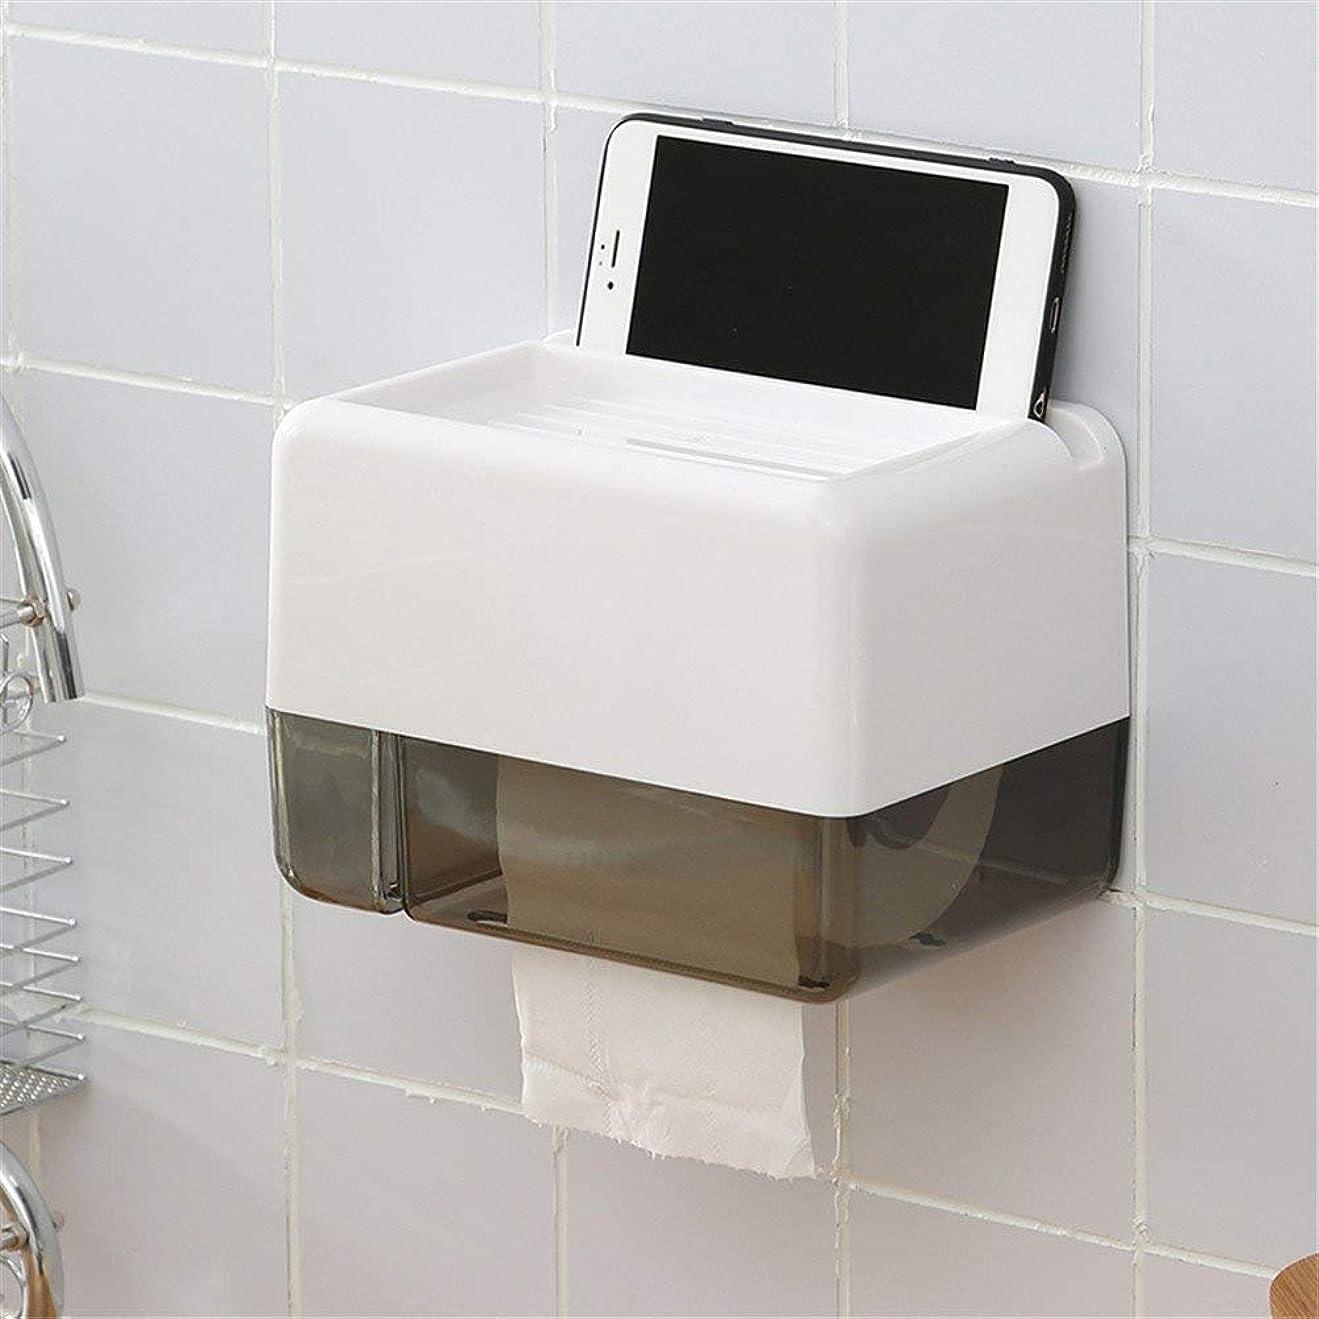 拍車代わってアサートXD 防水クリエイティブプラスチックホワイトトイレットペーパーボックストイレットペーパーボックス、トイレットペーパーラック、コーヒー